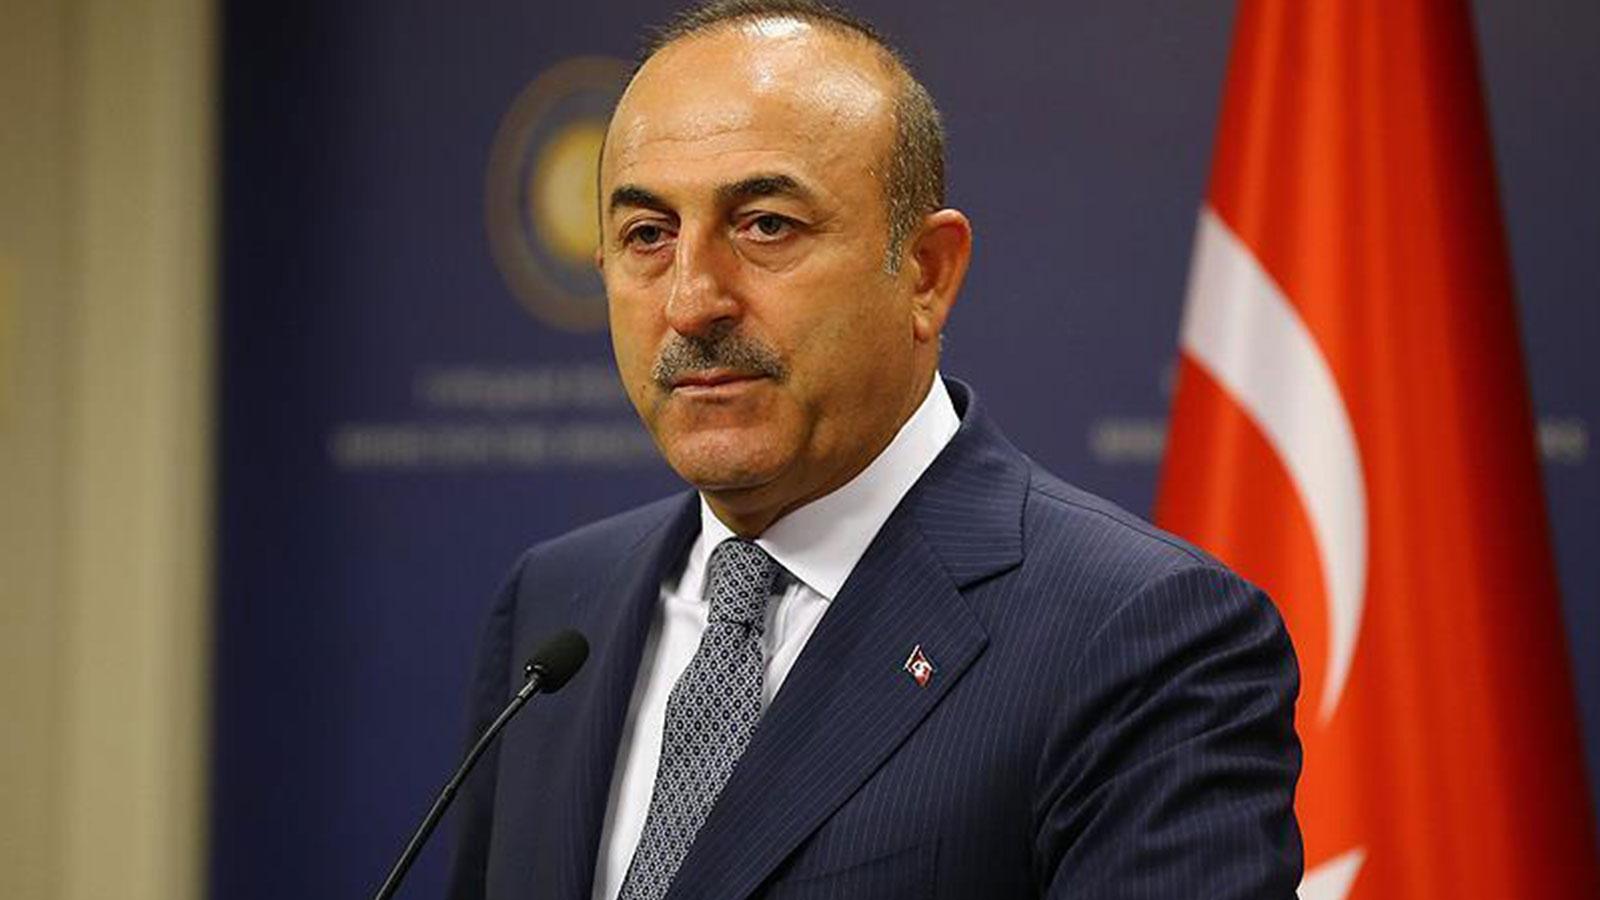 Çavuşoğlu'ndan Skandal Karara Sert Tepki!